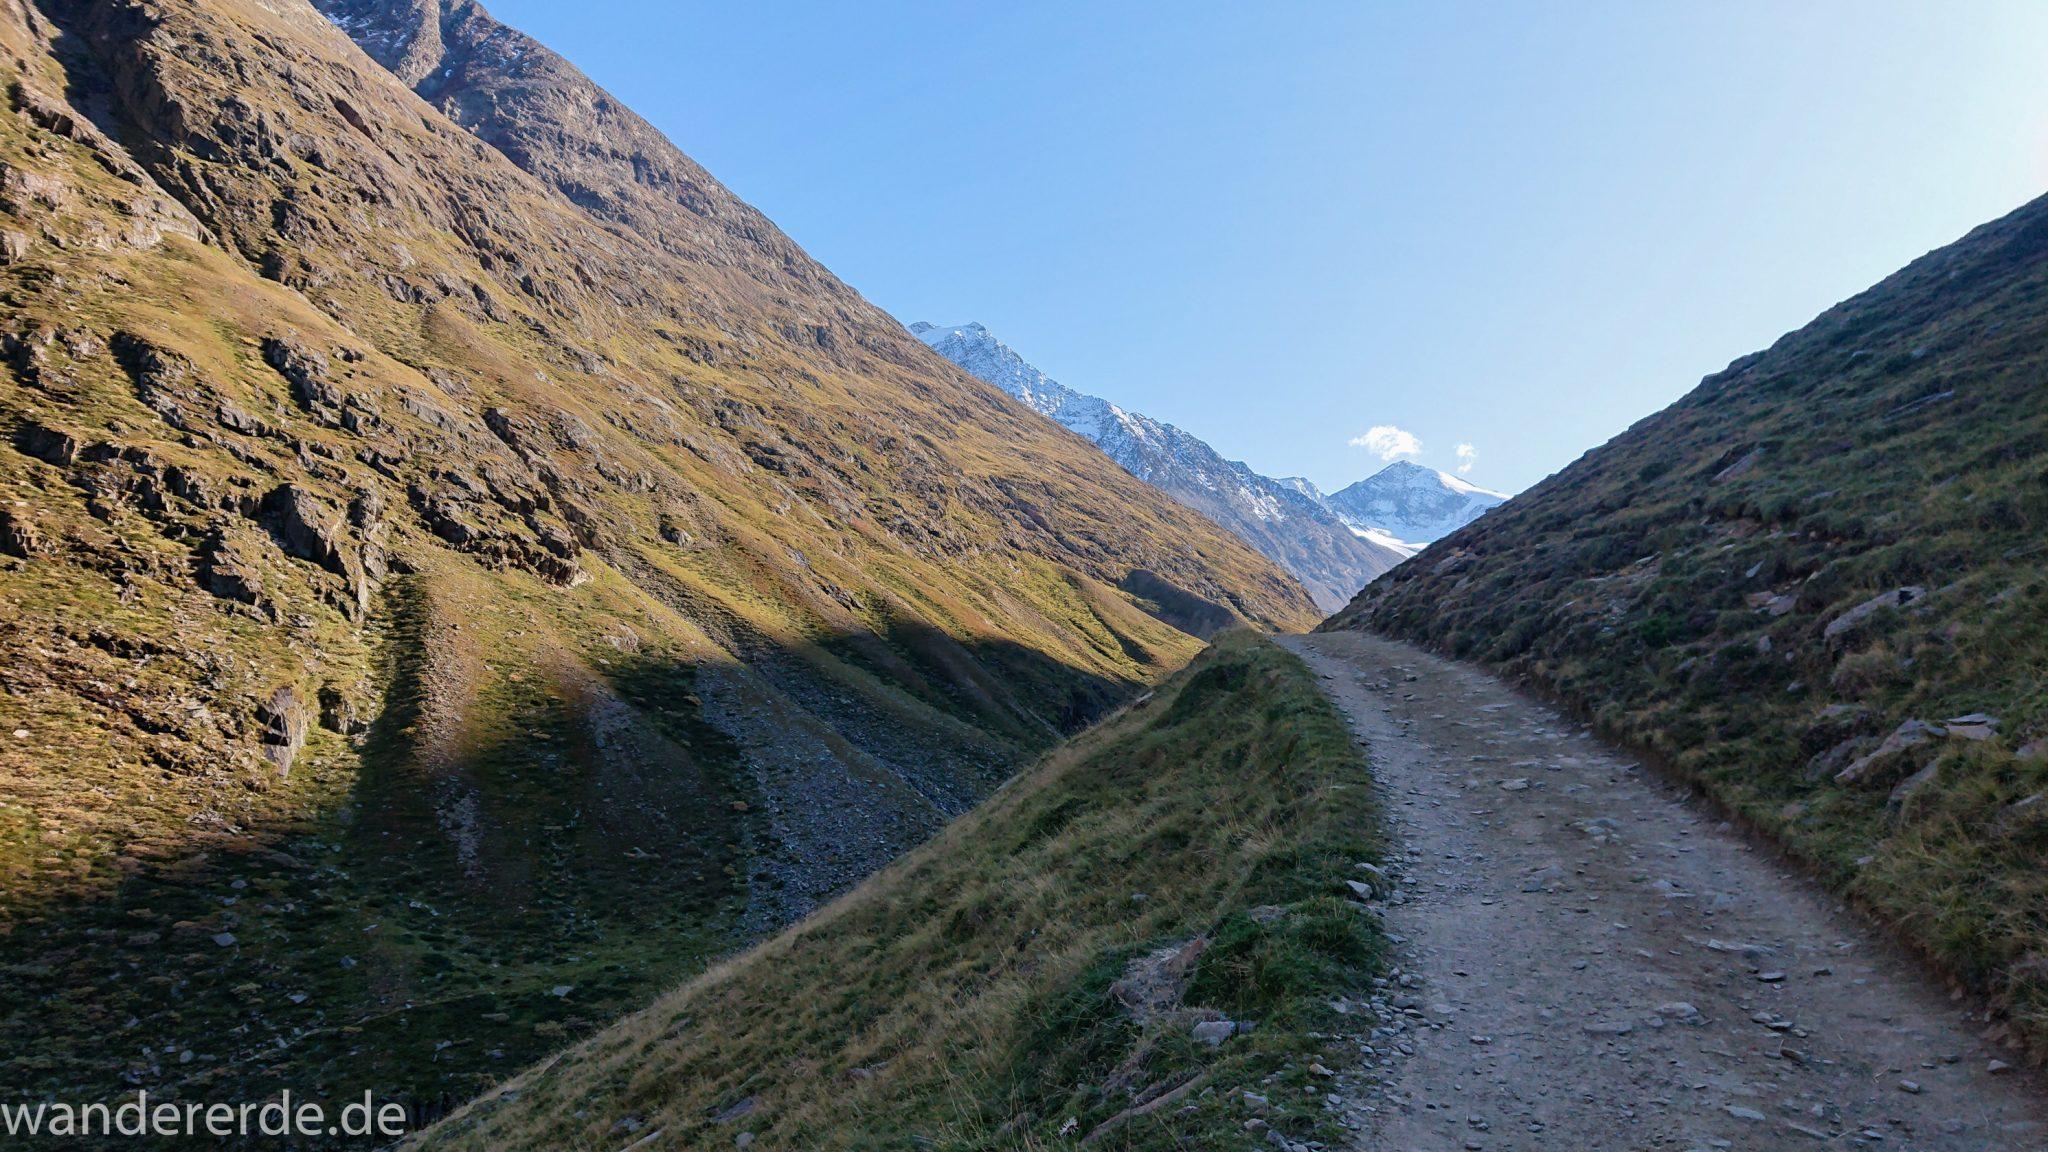 Alpenüberquerung Fernwanderweg E5 Oberstdorf Meran, 5. Etappe von Braunschweiger Hütte zur Martin-Busch-Hütte, nach Wanderung auf dem neuen Panoramaweg nach Vent folgt Anstieg zur Martin-Busch-Hütte, herrliches Wetter zum Wandern bei strahlendem Sonnenschein, wegen Steinschlag gesperrter ursprünglicher Weg muss auf anderer Bergseite umgangen werden, danach wird Wegverlauf auf breiterem Wanderweg wieder steiler und will nicht enden, Ausblick auf Berge der Alpen und ins Tal mit Fluss und grüner Vegetation